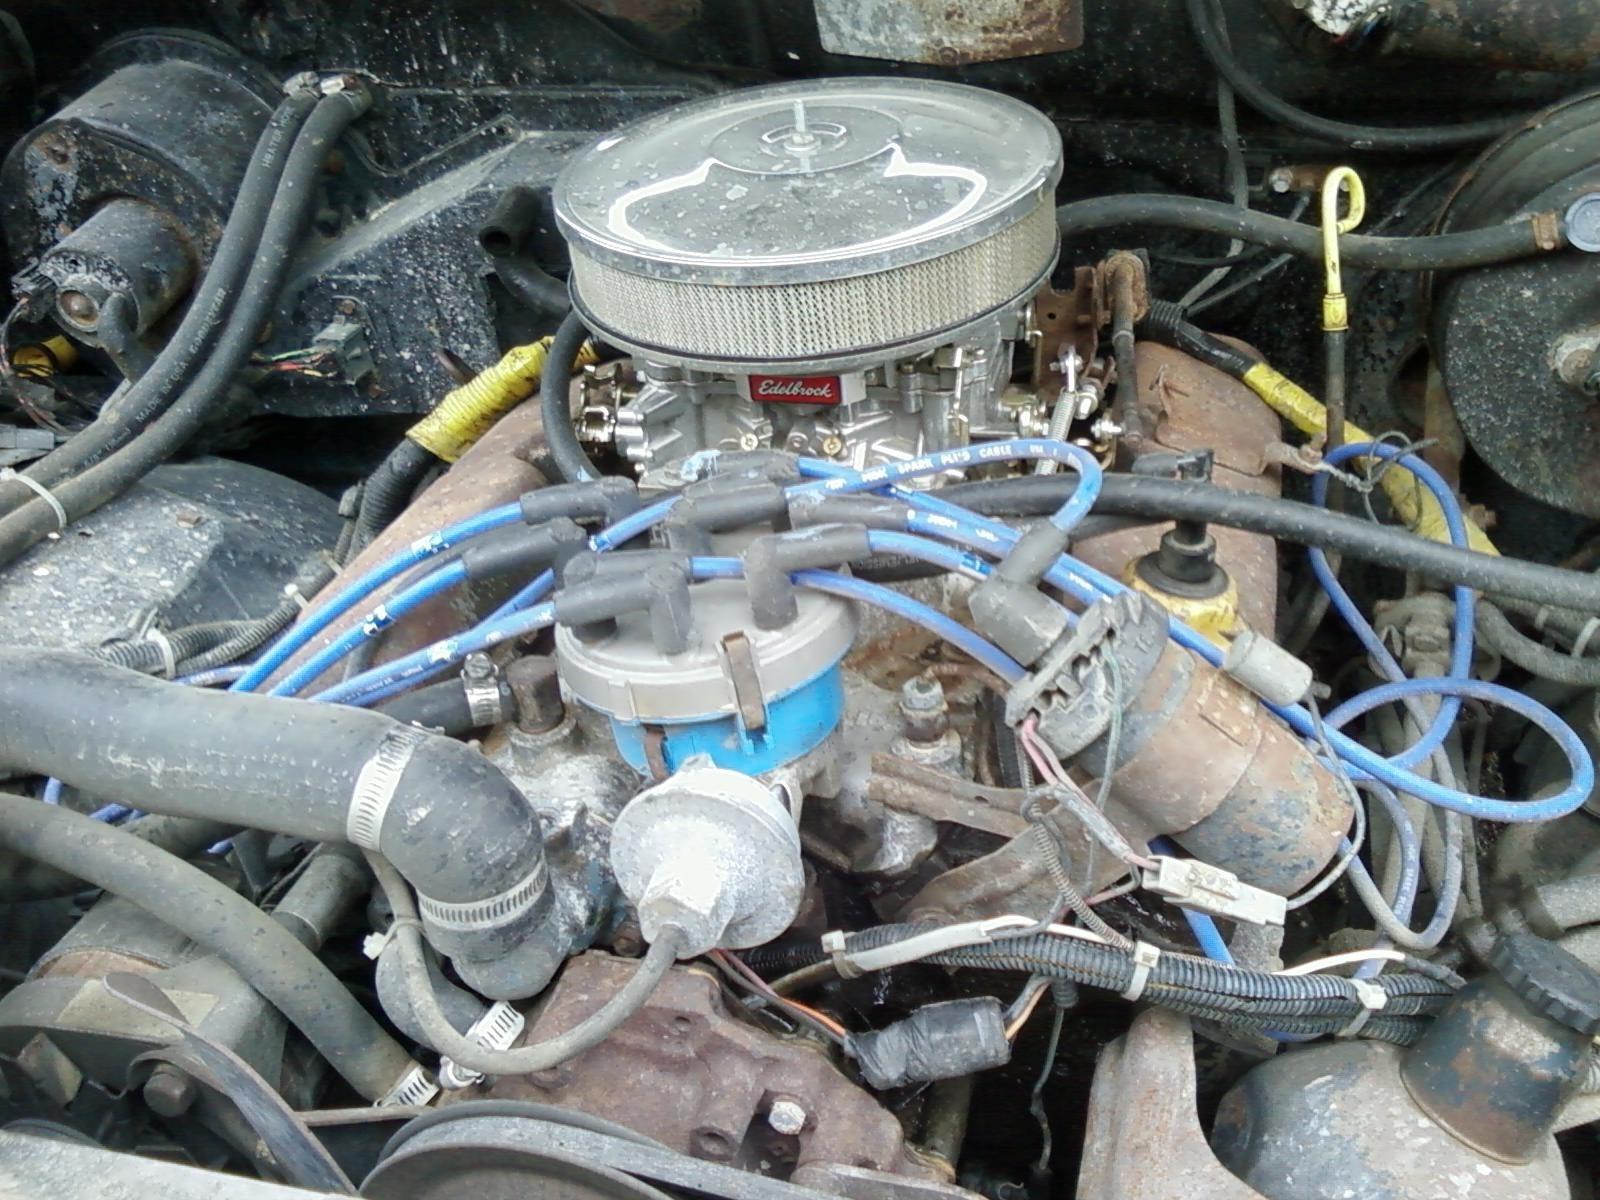 2003 ford Ranger 2 3 Engine Diagram ford Ranger Questions 2 3 to 5 0 Engine Swap Cargurus Of 2003 ford Ranger 2 3 Engine Diagram